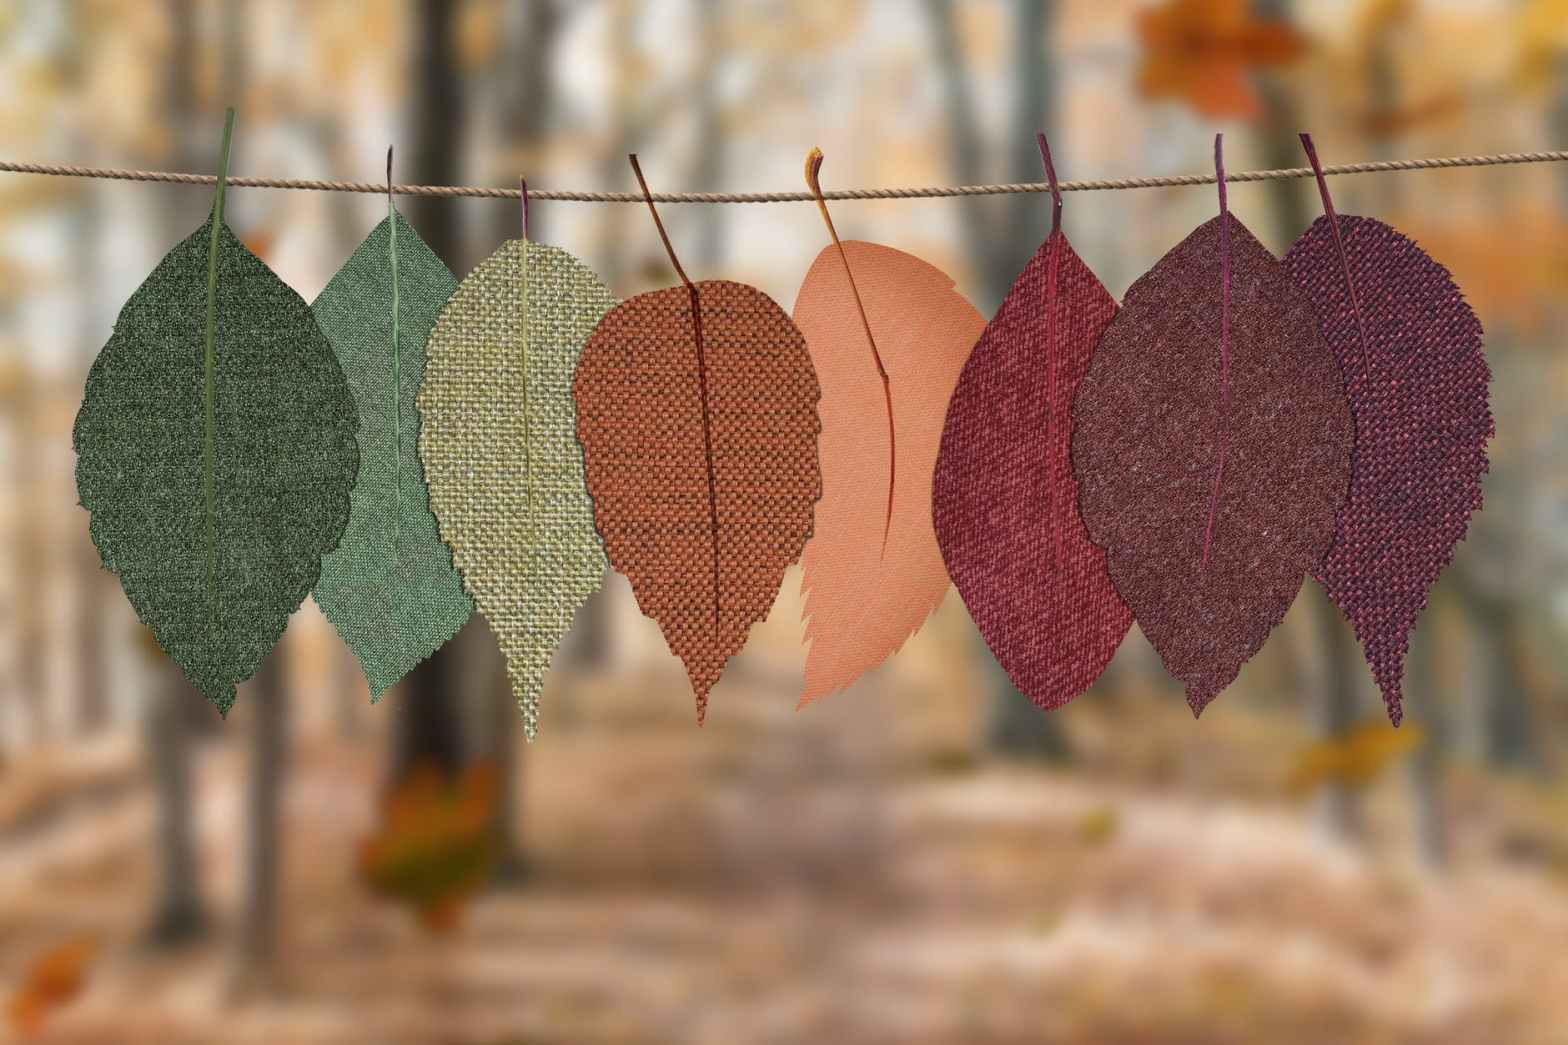 leaves hang on rope